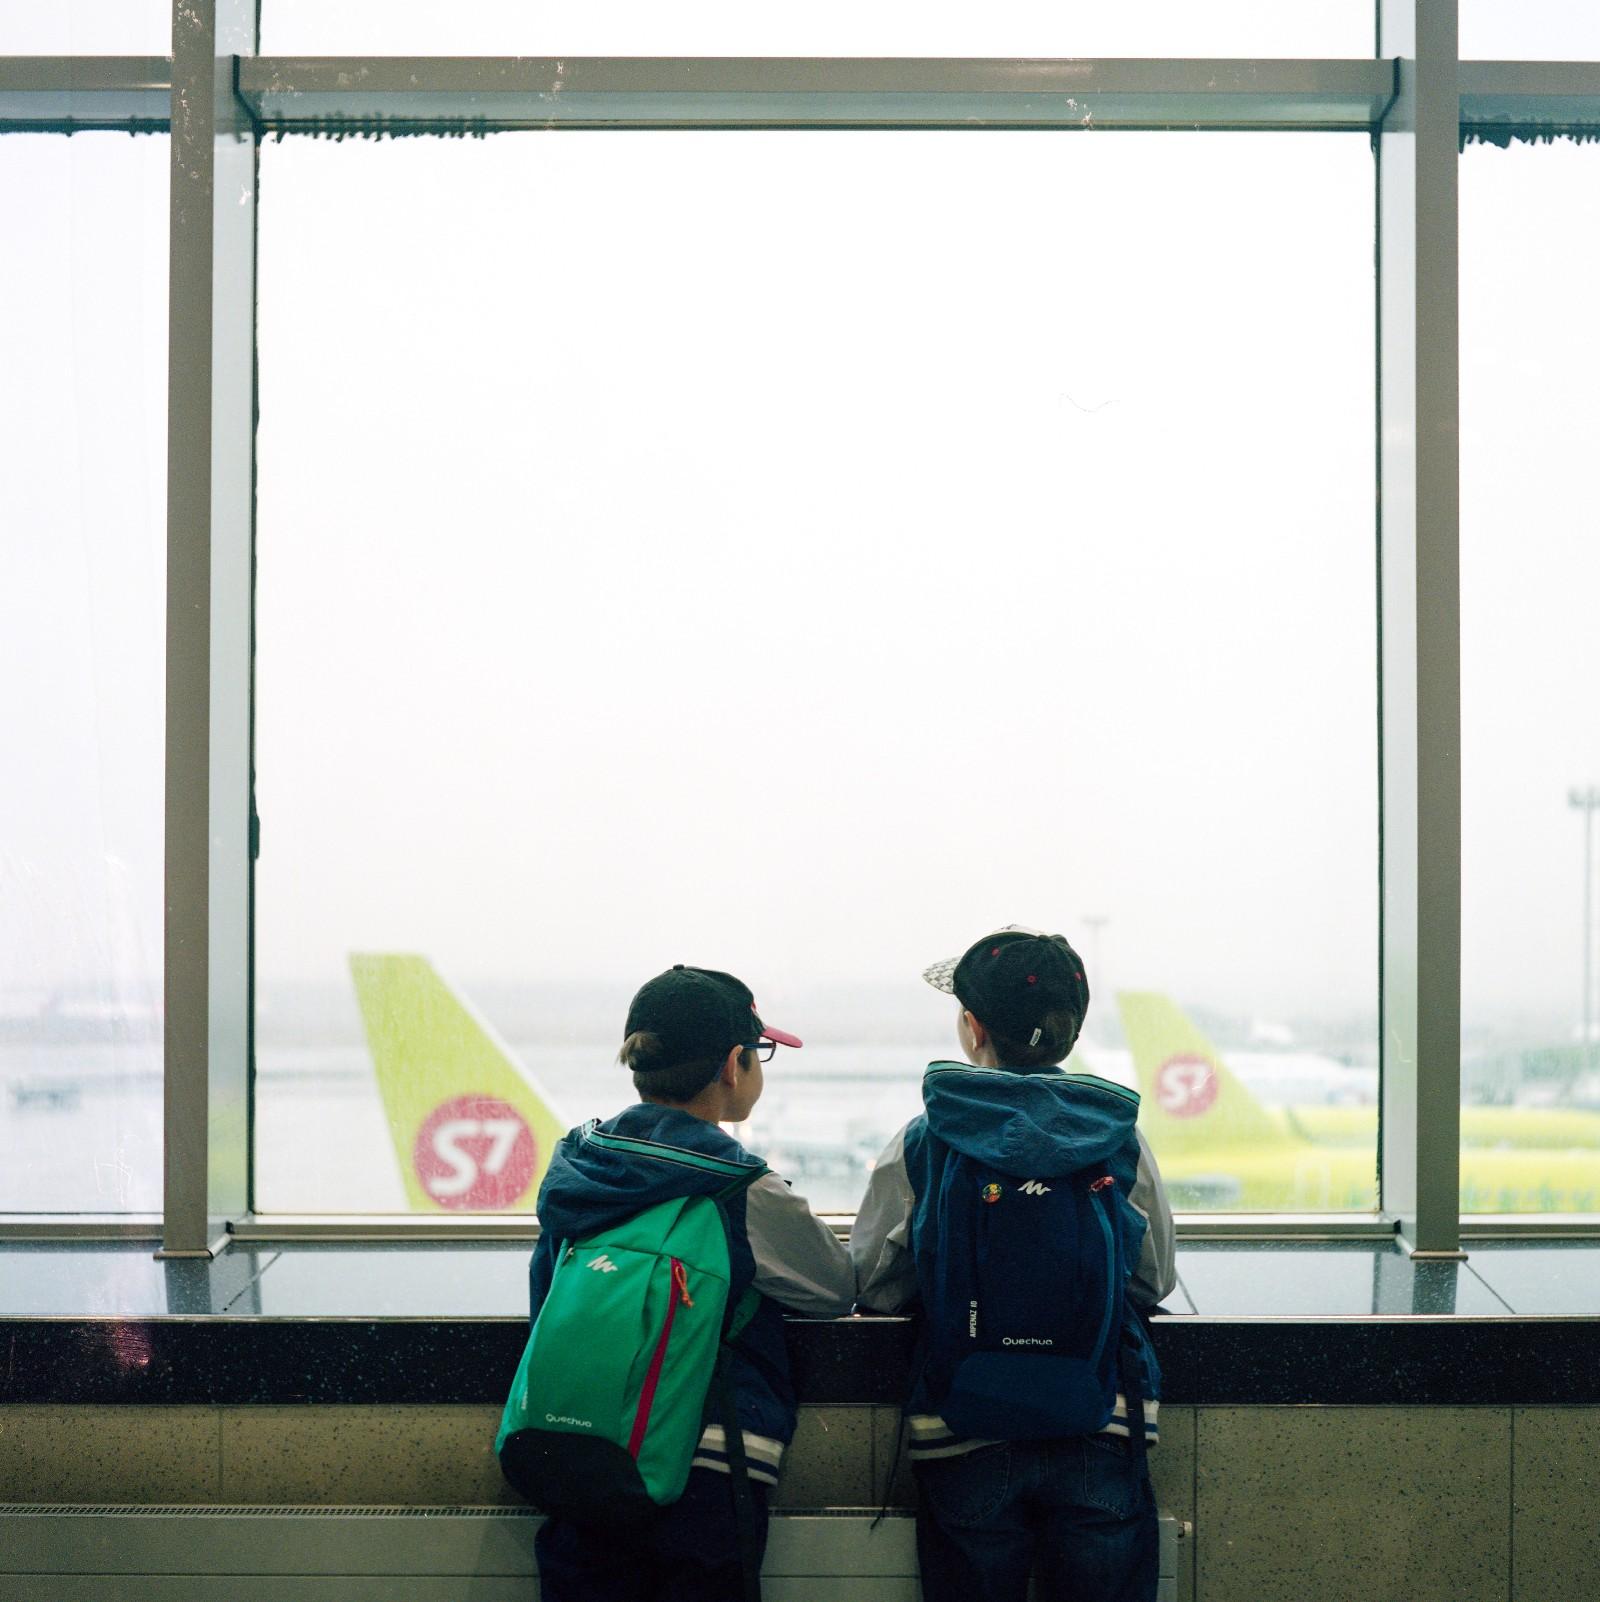 kidsflying